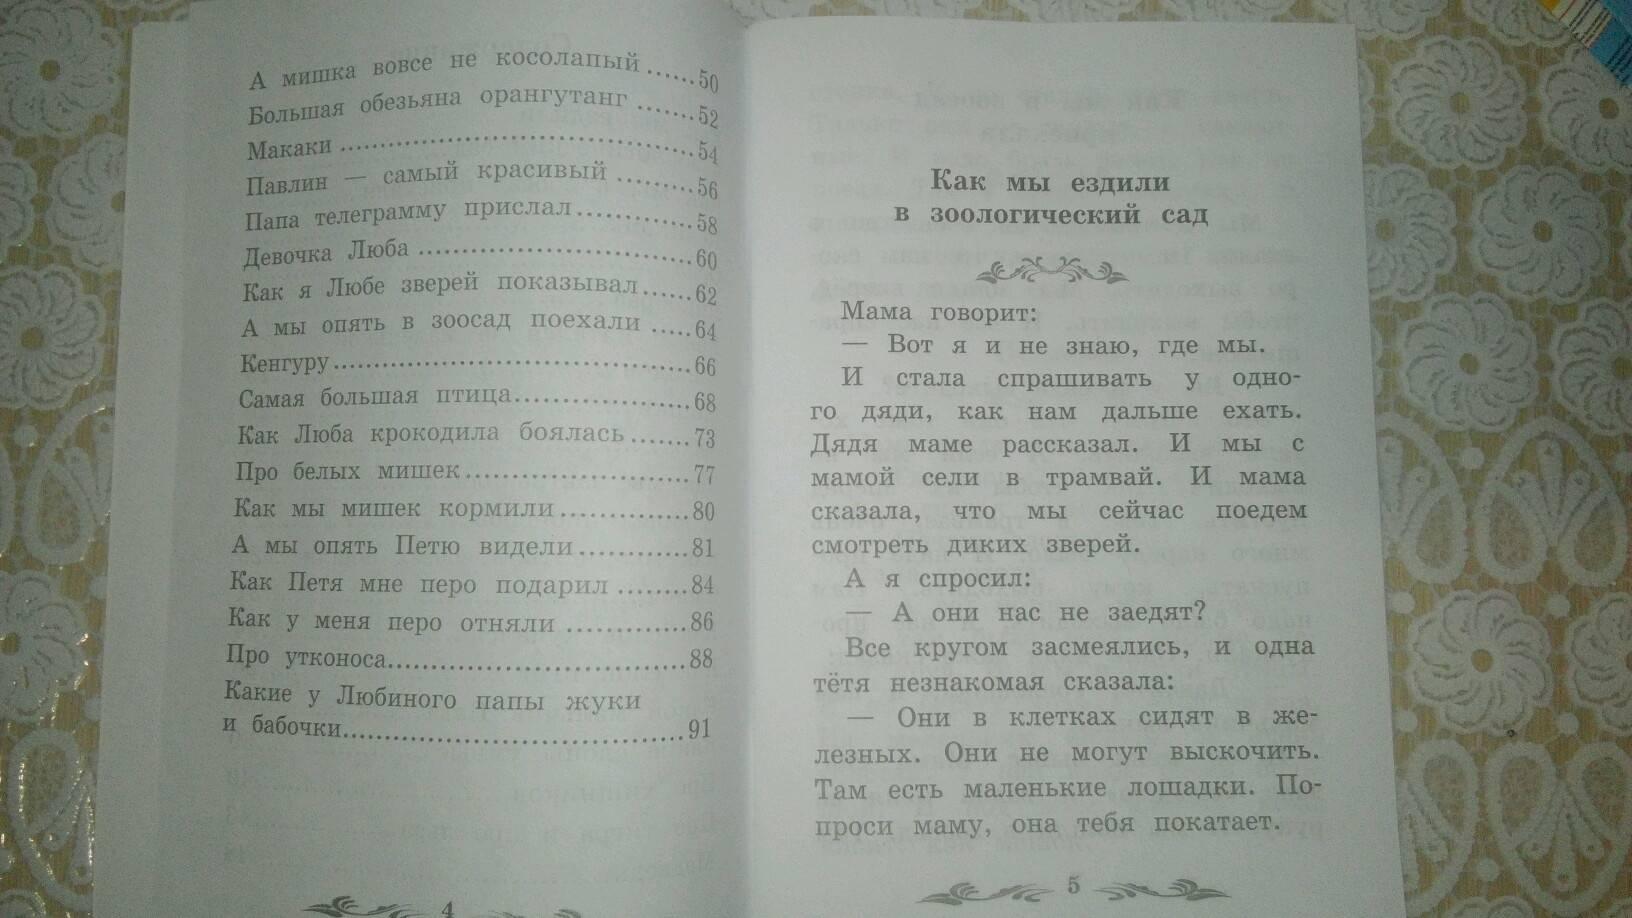 Иллюстрация 2 из 9 для Что я видел. Зоосад - Борис Житков | Лабиринт - книги. Источник: Шевелёва Наталия